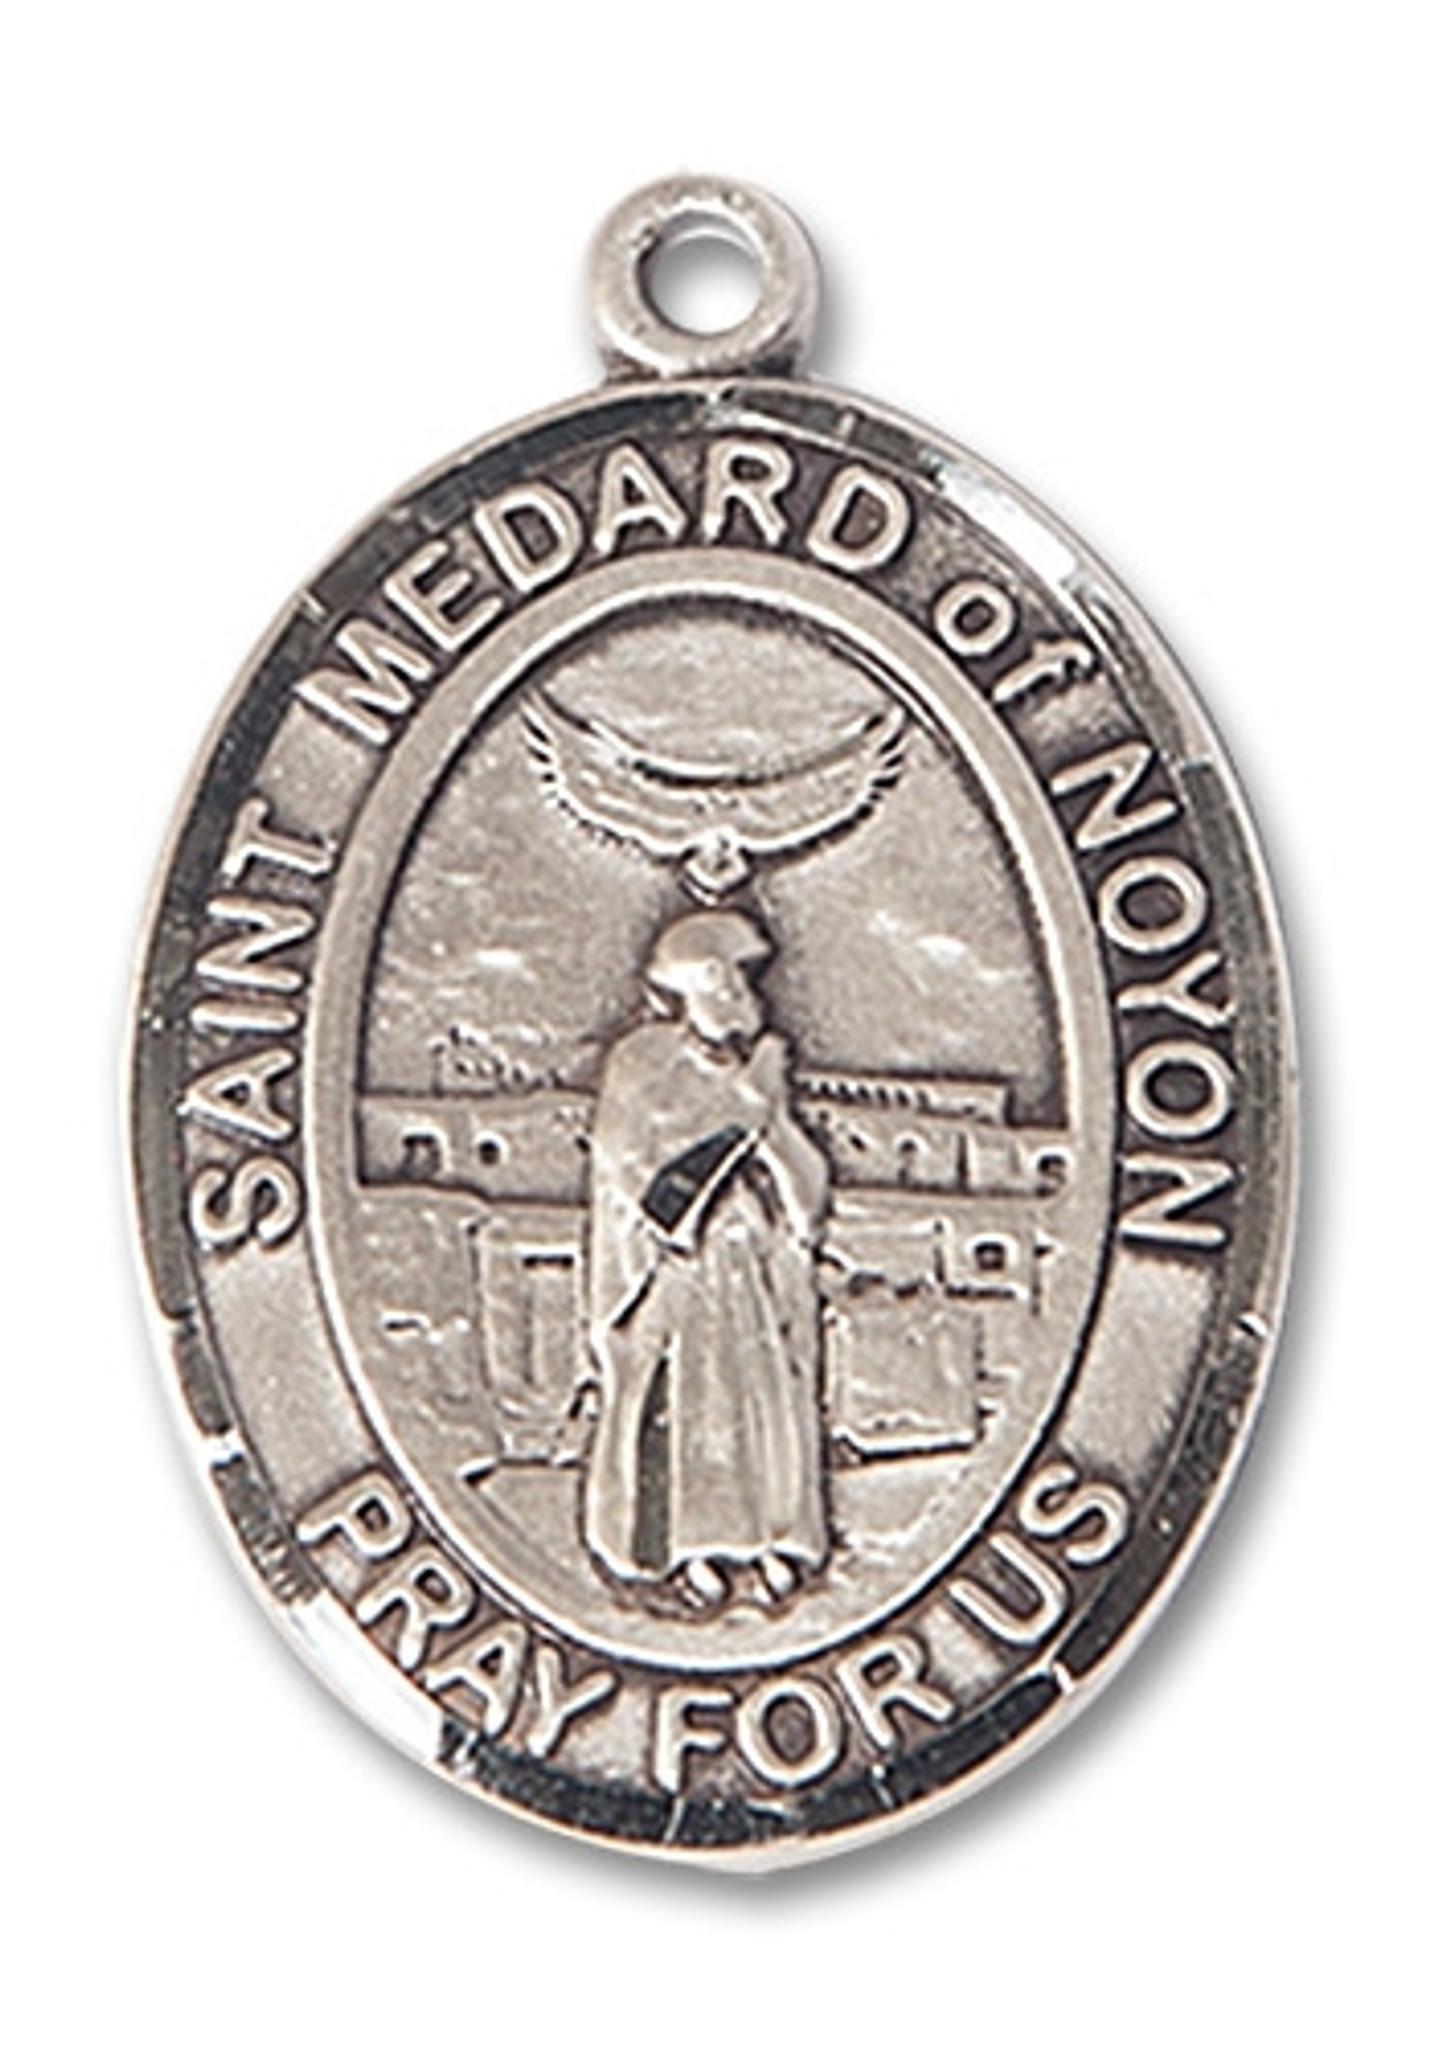 Medard of Noyon